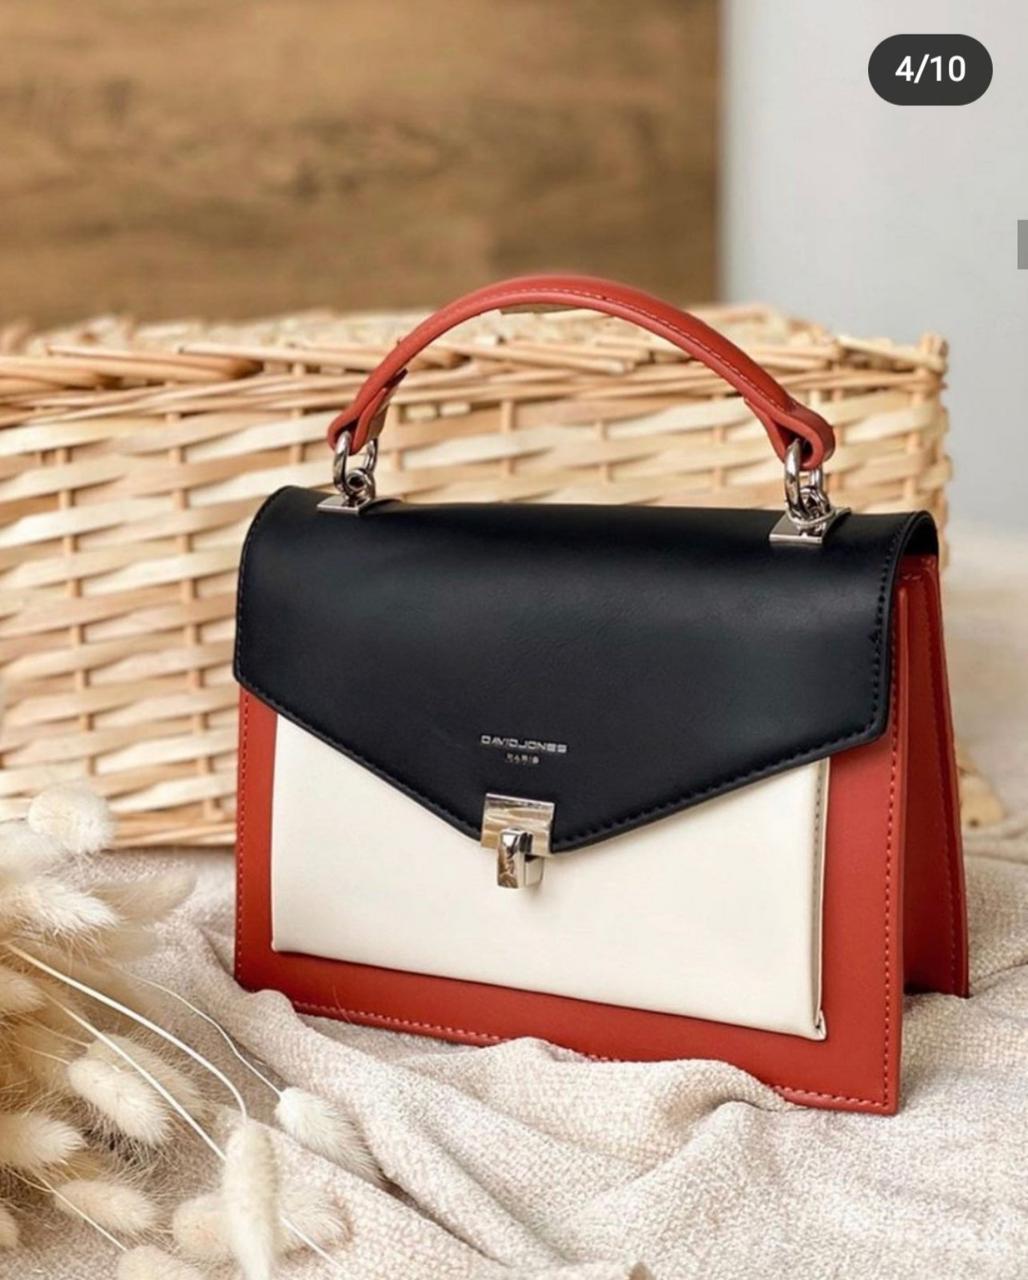 Женская сумка клатч David Jones, черный / Дэвид Джонс / жіноча сумка